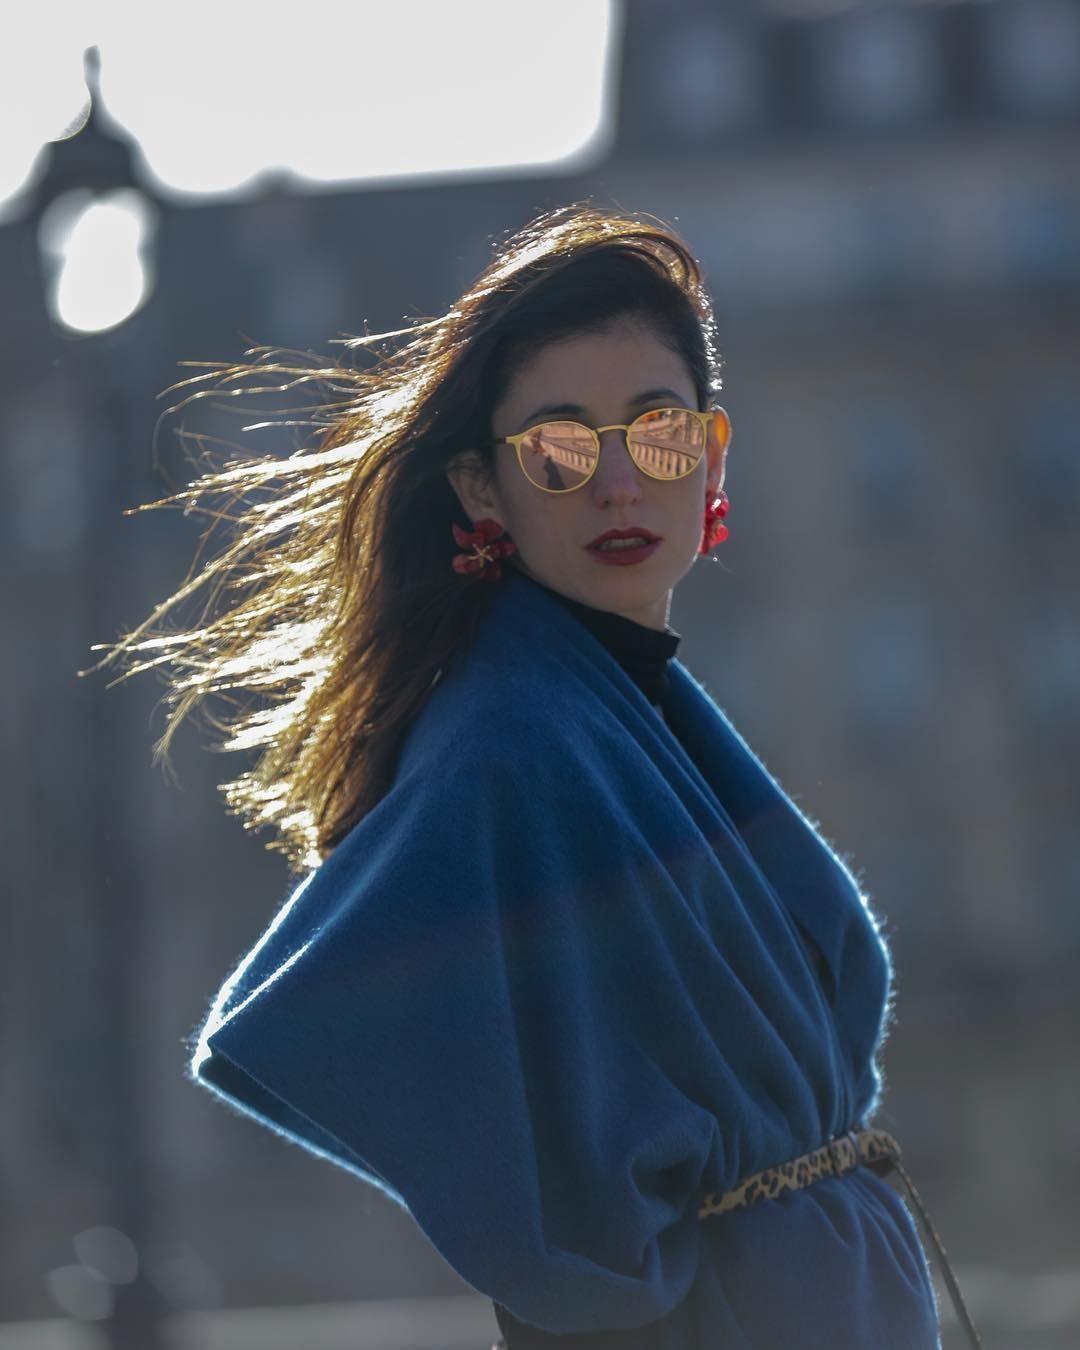 """Fashion & Paris by Paula Saady on Instagram: """"Bonjour, Décembre! Planning 2019. . Comecei a semana focada em organizar o primeiro semestre do ano que vem. Alguém aí também já está nos…"""" #bonjourdecembre Bonjour, Décembre! #Acuitis #bonjourdecembre Fashion & Paris by Paula Saady on Instagram: """"Bonjour, Décembre! Planning 2019. . Comecei a semana focada em organizar o primeiro semestre do ano que vem. Alguém aí também já está nos…"""" #bonjourdecembre Bonjour, Décembre! #Acu #bonjourdecembre"""